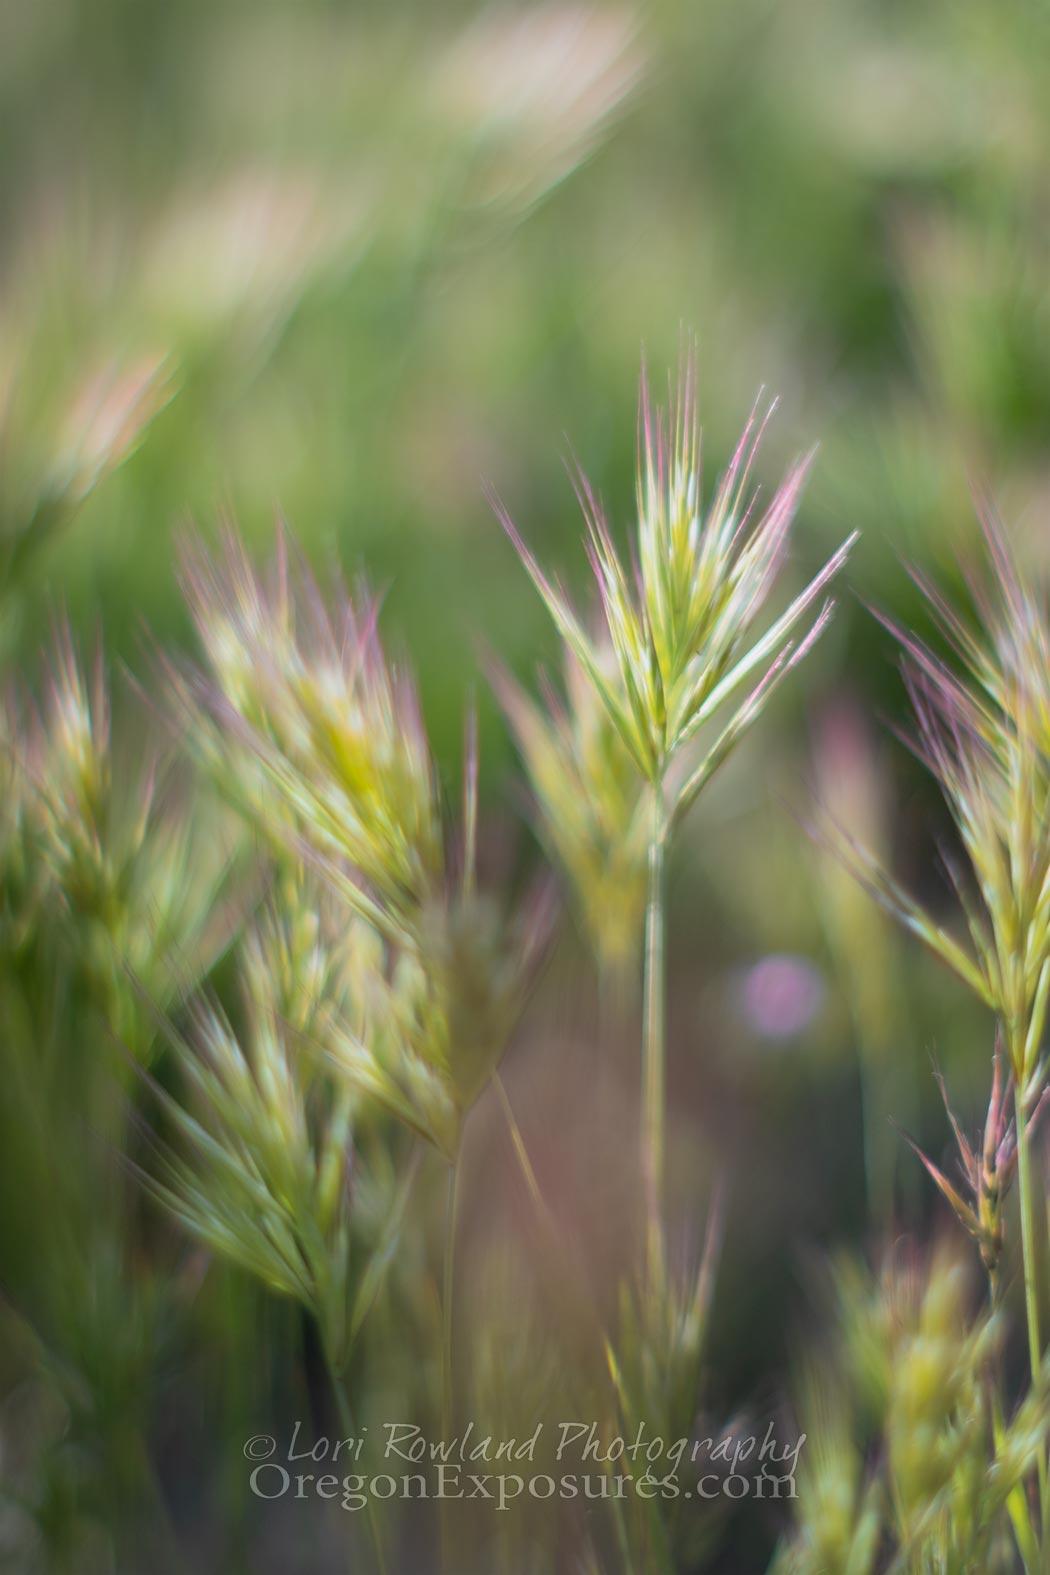 Gold Butte Foxtail Cress Grass